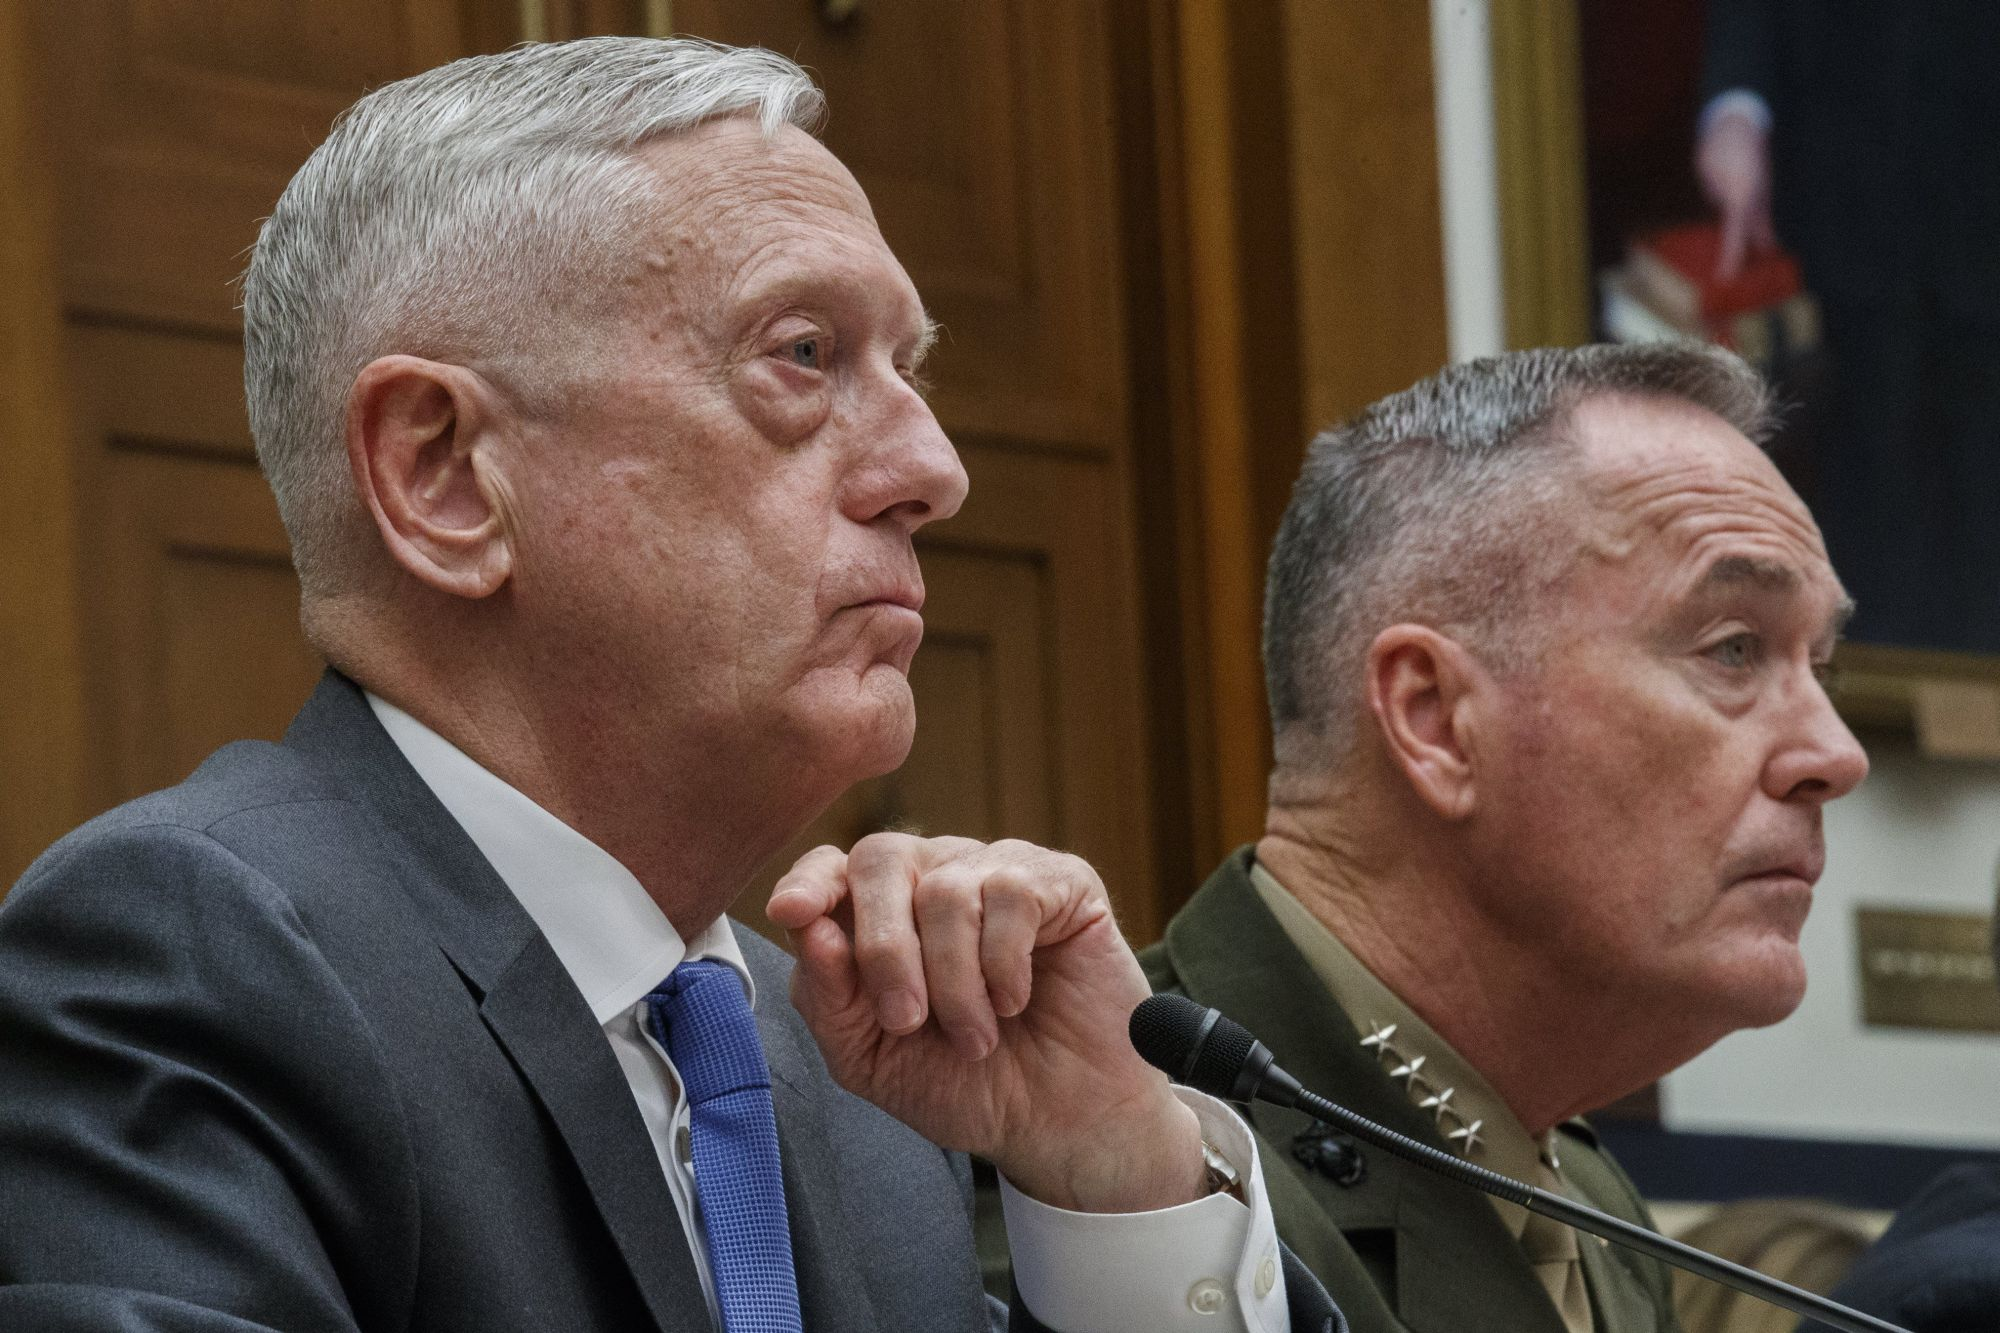 James Mattis amerikai védelmi miniszter (b) és Joseph Dunford tábornok, az amerikai vezérkari főnökök egyesített bizottságának elnöke az amerikai fegyveres erők felügyeletének bizottsága előtti meghallgatásukon a washingtoni törvényhozás épületében a Capitoliumban 2018. április 12-én. A katonai vezetőket az állítólagos dúmai vegyi támadásra adható válaszlépésekkel kapcsolatban hallgatják meg. (MTI/EPA/Shawn Thew)